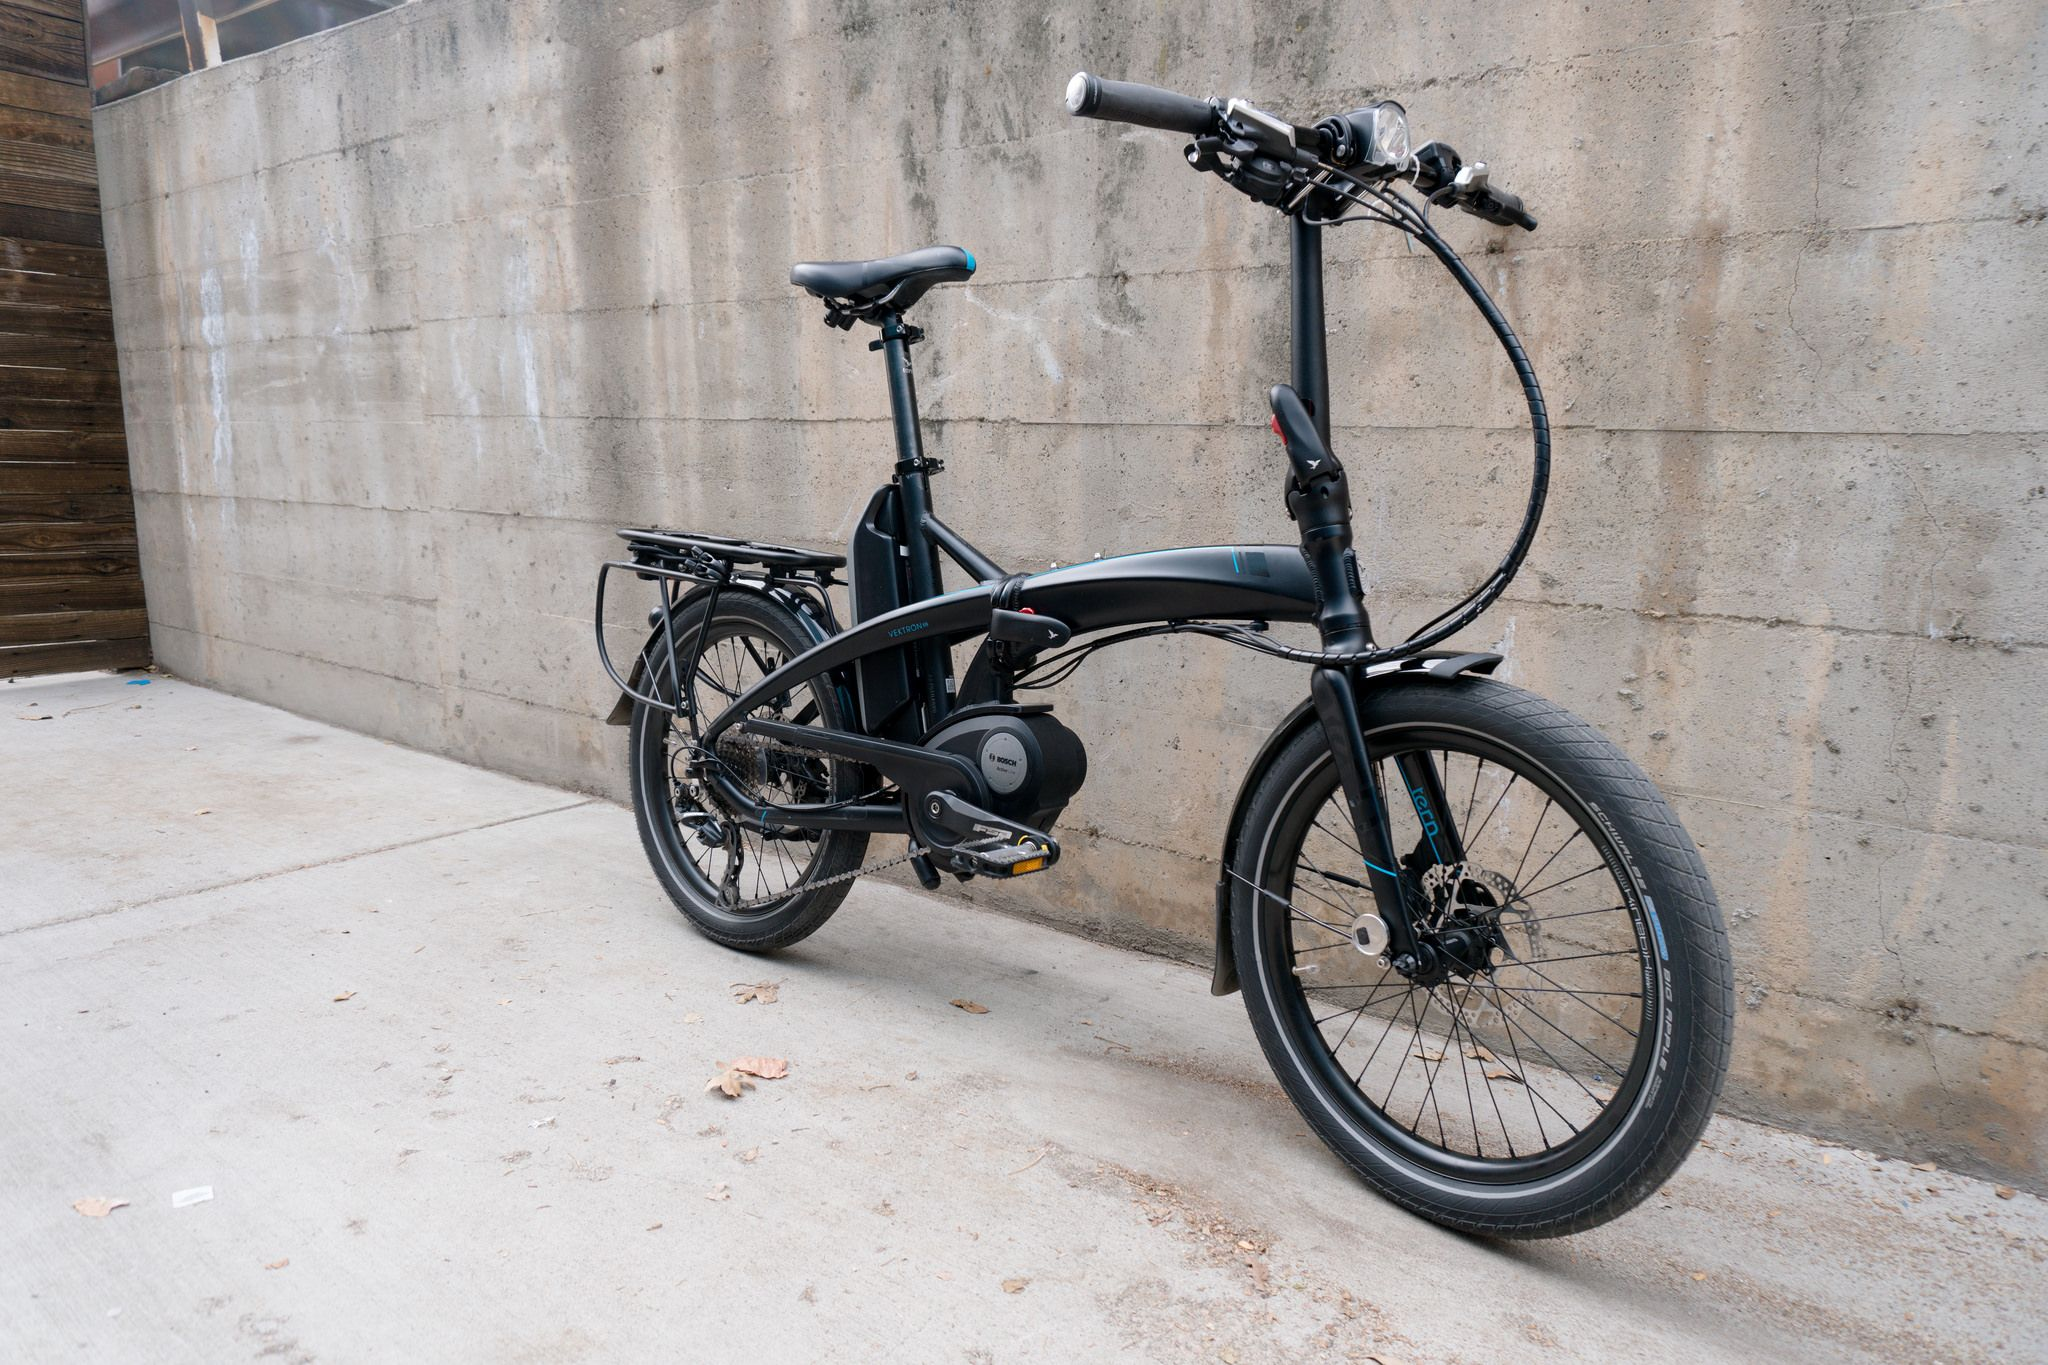 Tern Vektron Folding Electric Bike Review Folding Electric Bike